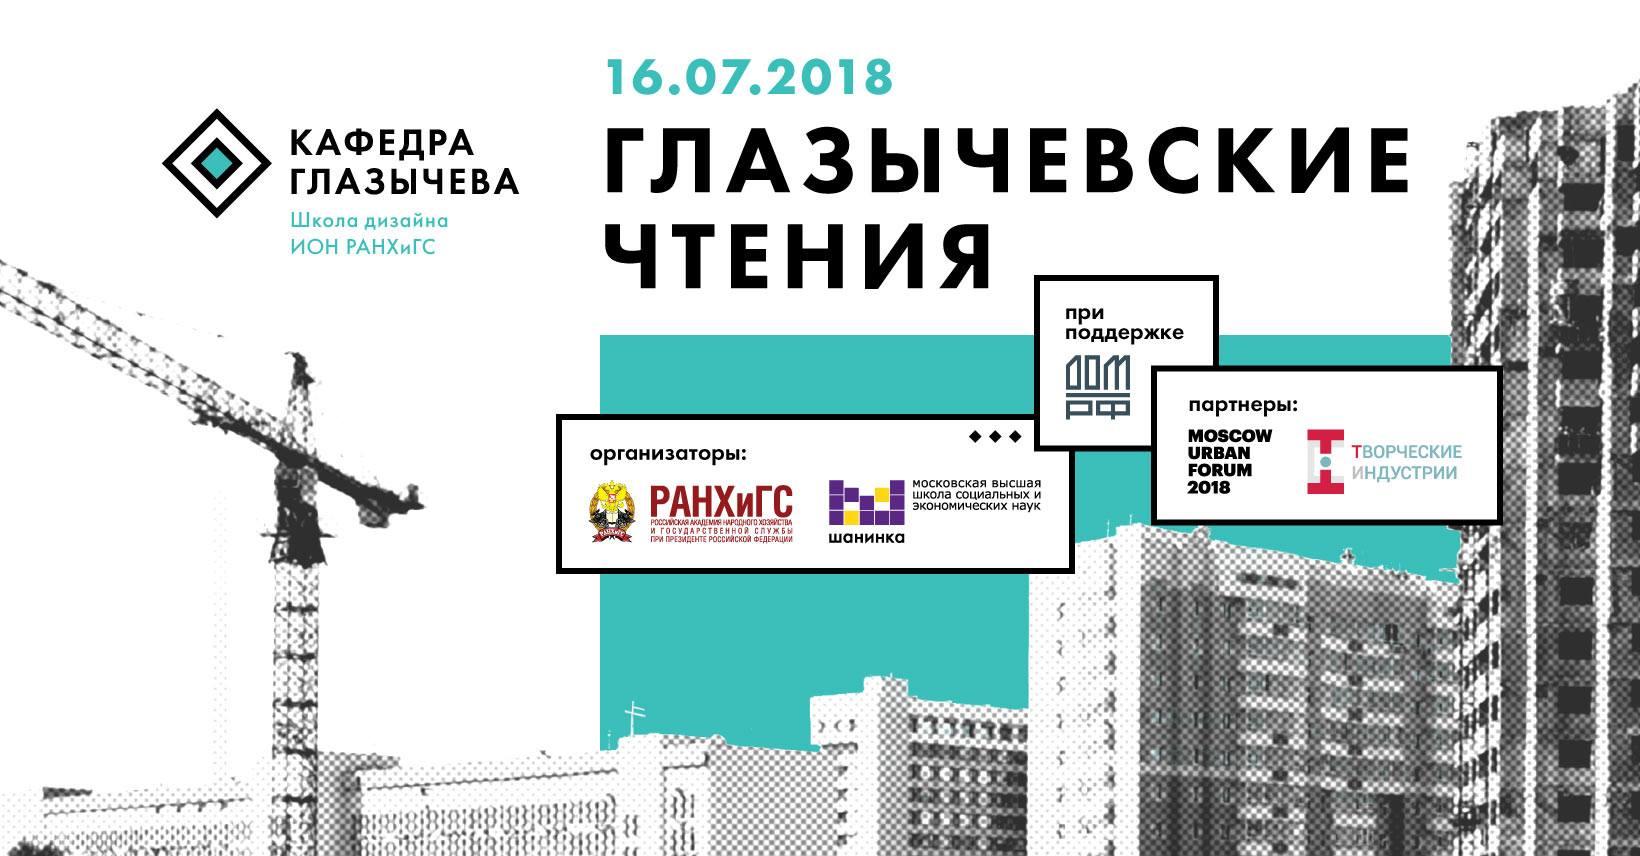 РАНХиГС иШанинка проводят урбанистическую конференцию «Глазычевские чтения». Ведущие эксперты обсудят актуальные урбанистические тренды иновые технологии управления городским пространством.